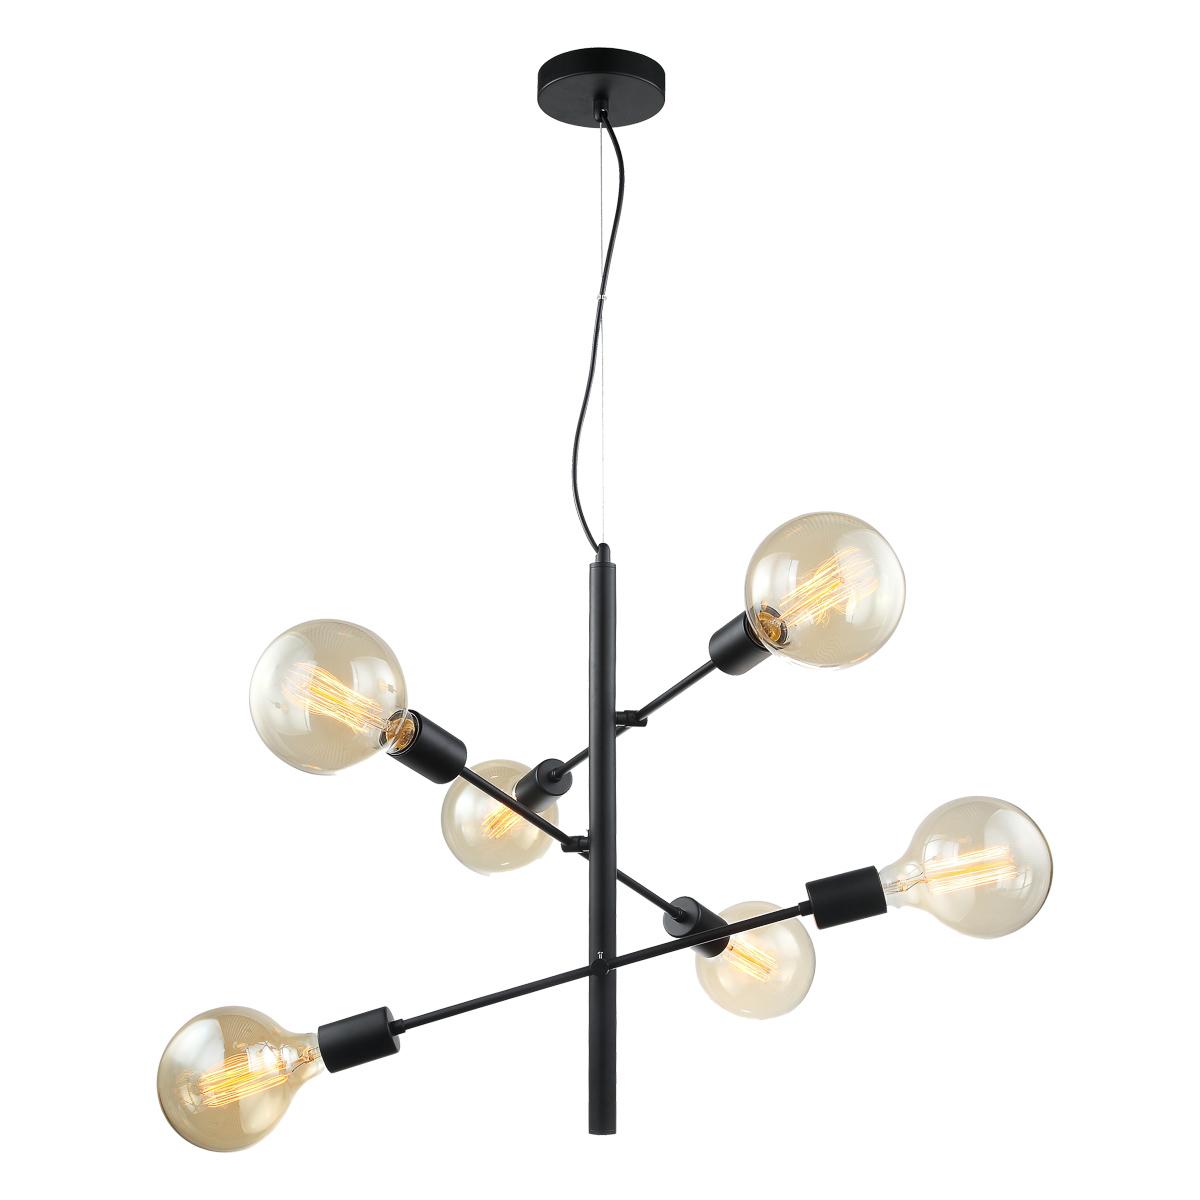 Madalyn Lampa Wiszaca Czarna E27 Mdm3582 6 Bk Italux